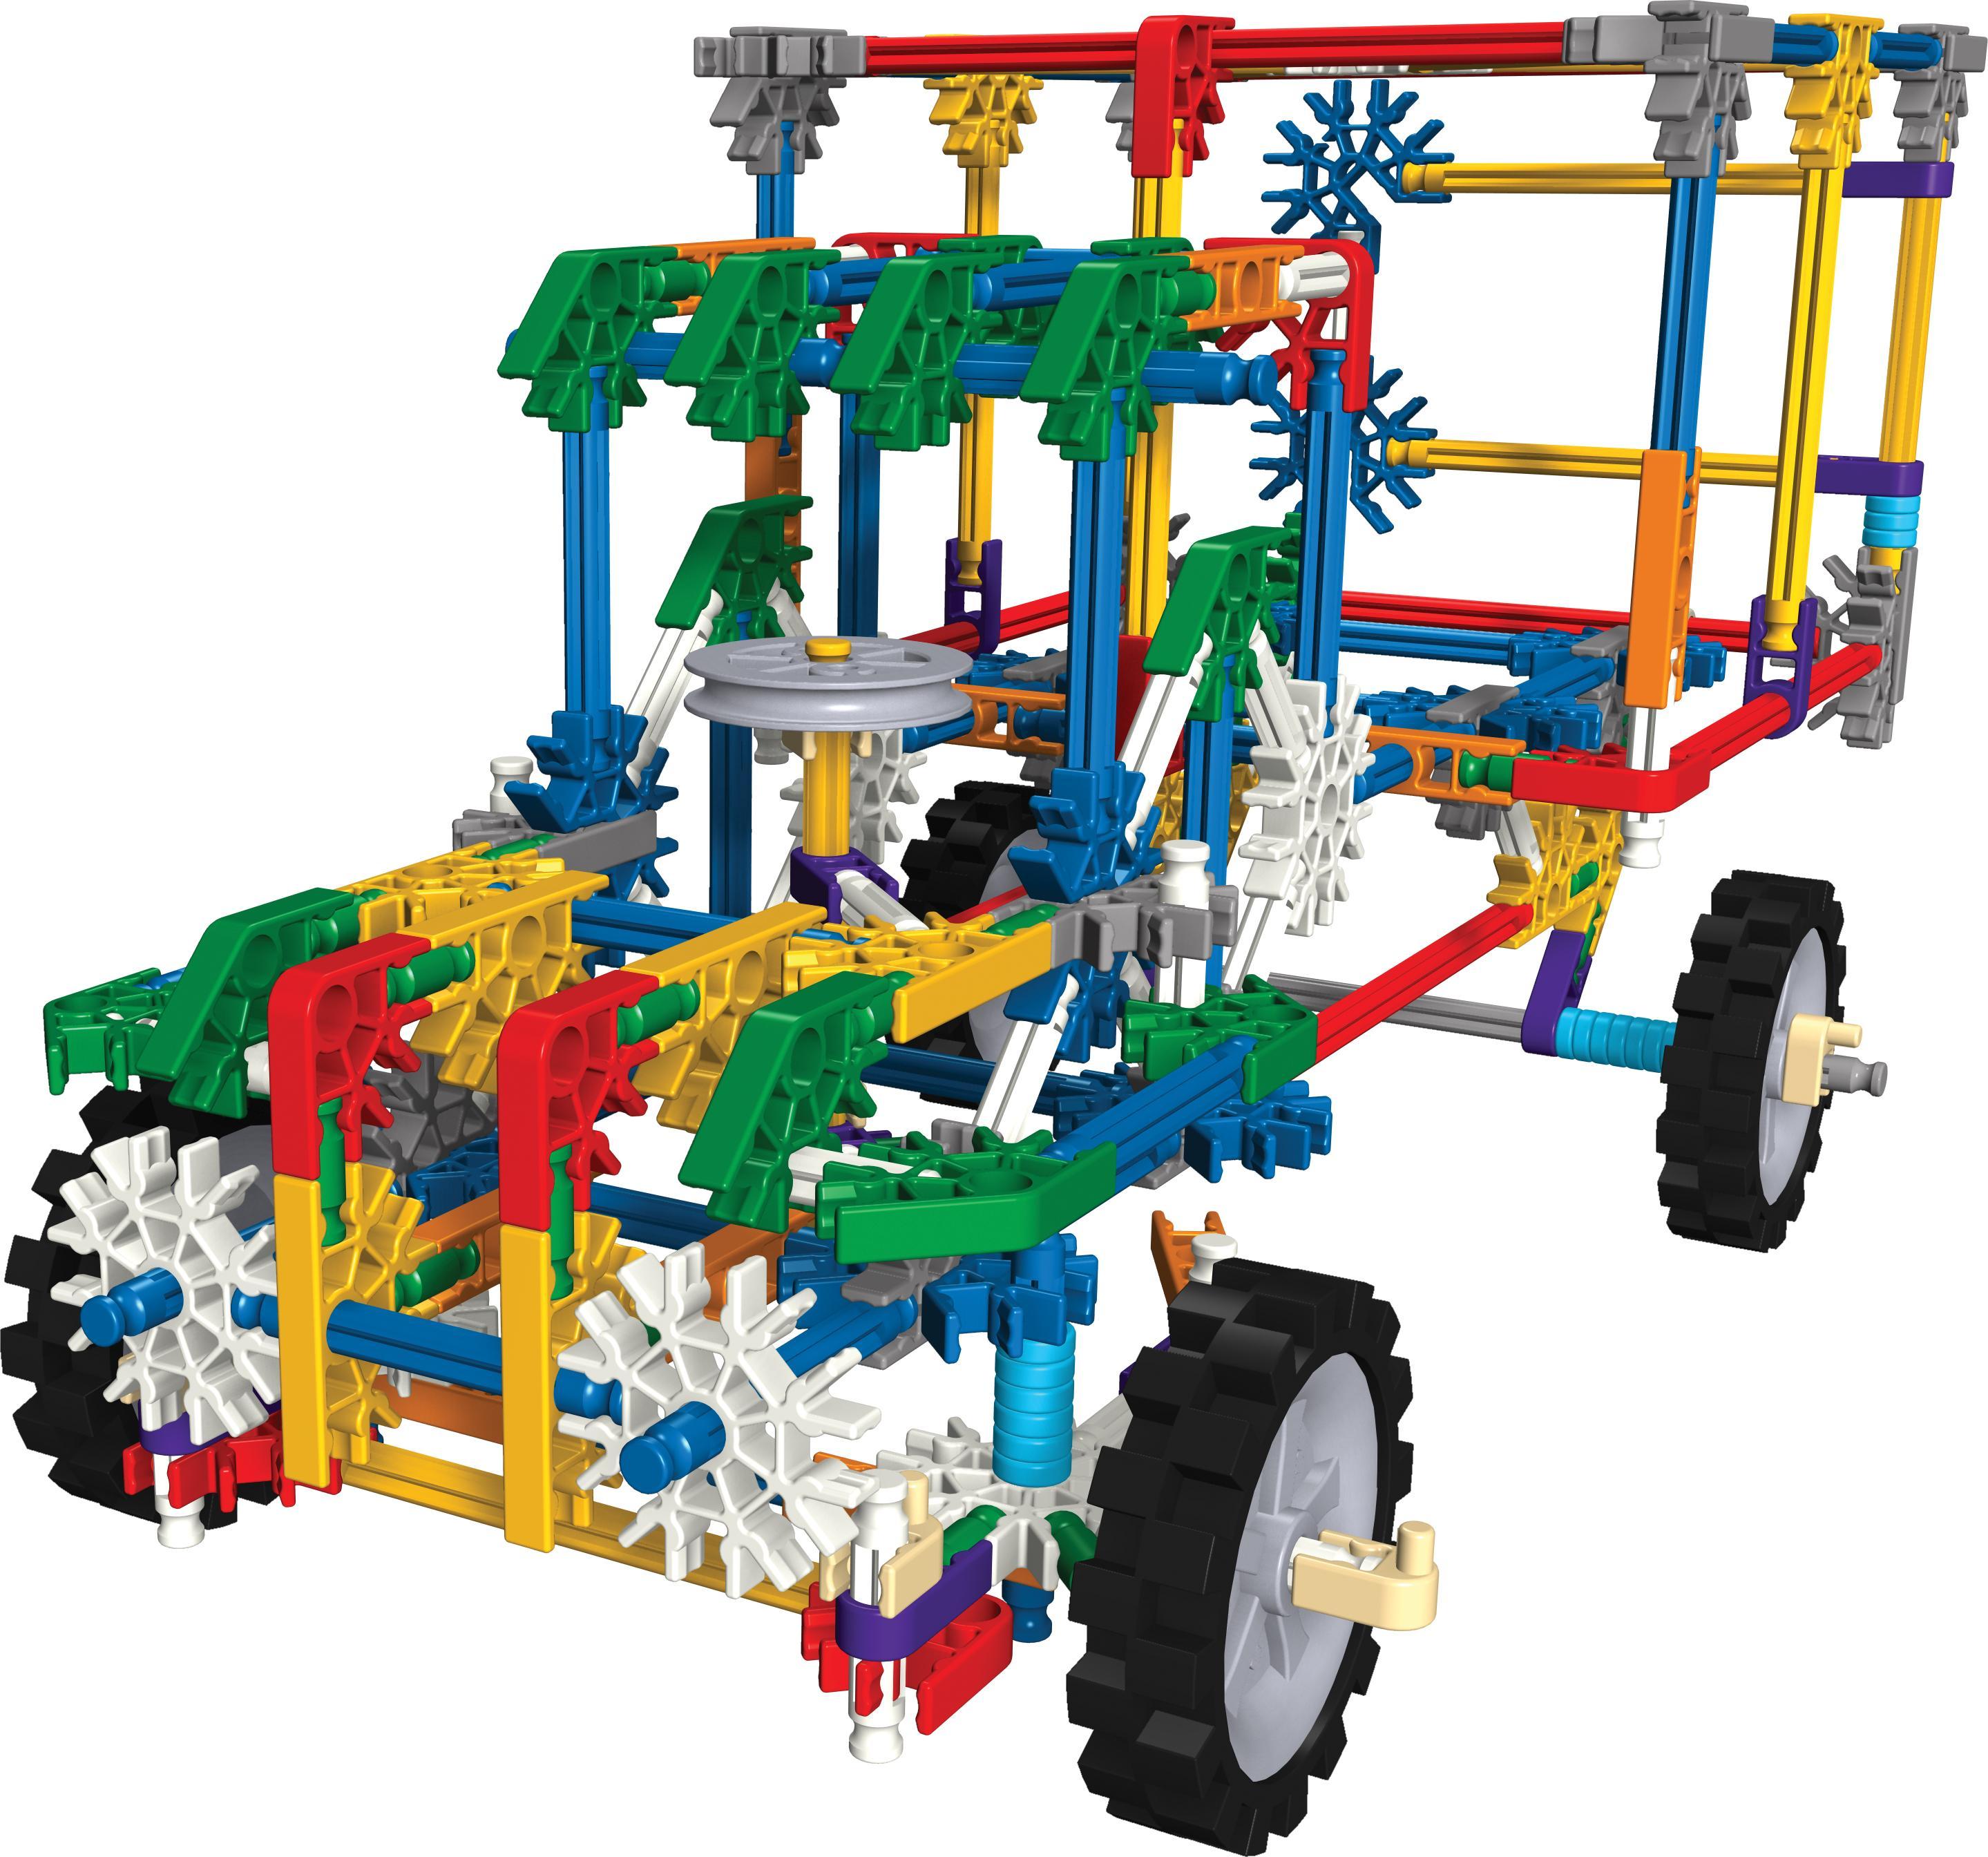 Building Toys Sets : Amazon k nex piece deluxe building set toys games